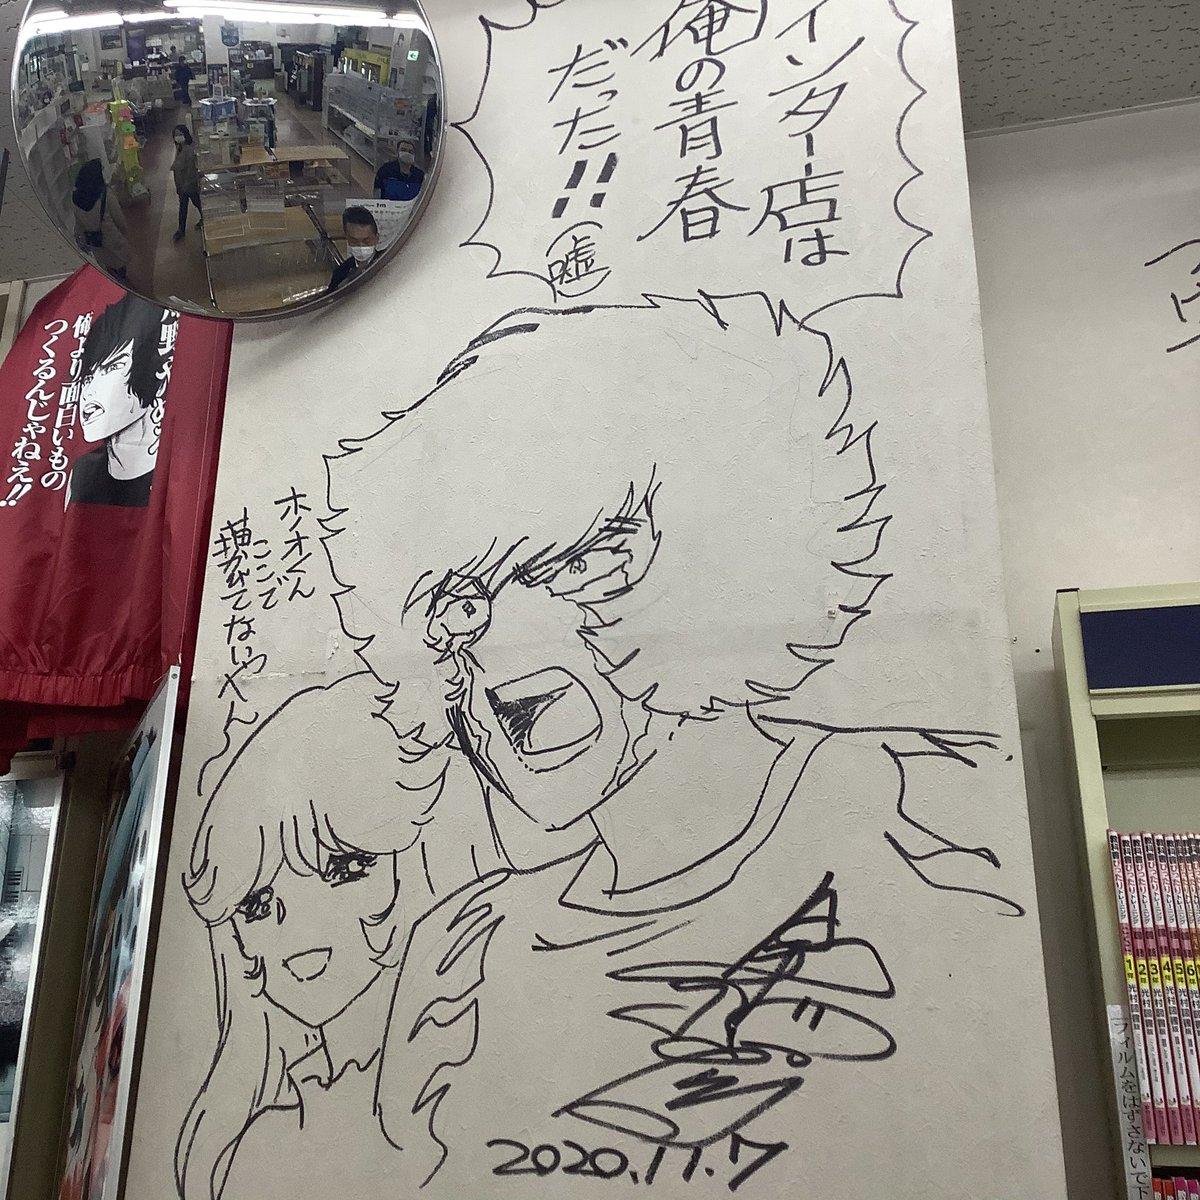 漫画家・島本和彦先生経営の 「TSUTAYA札幌インター店」8日に閉店なので 見納めに訪問すると昼に先生が大量に書き足していました。  #札幌 #TSUTAYA #島本和彦